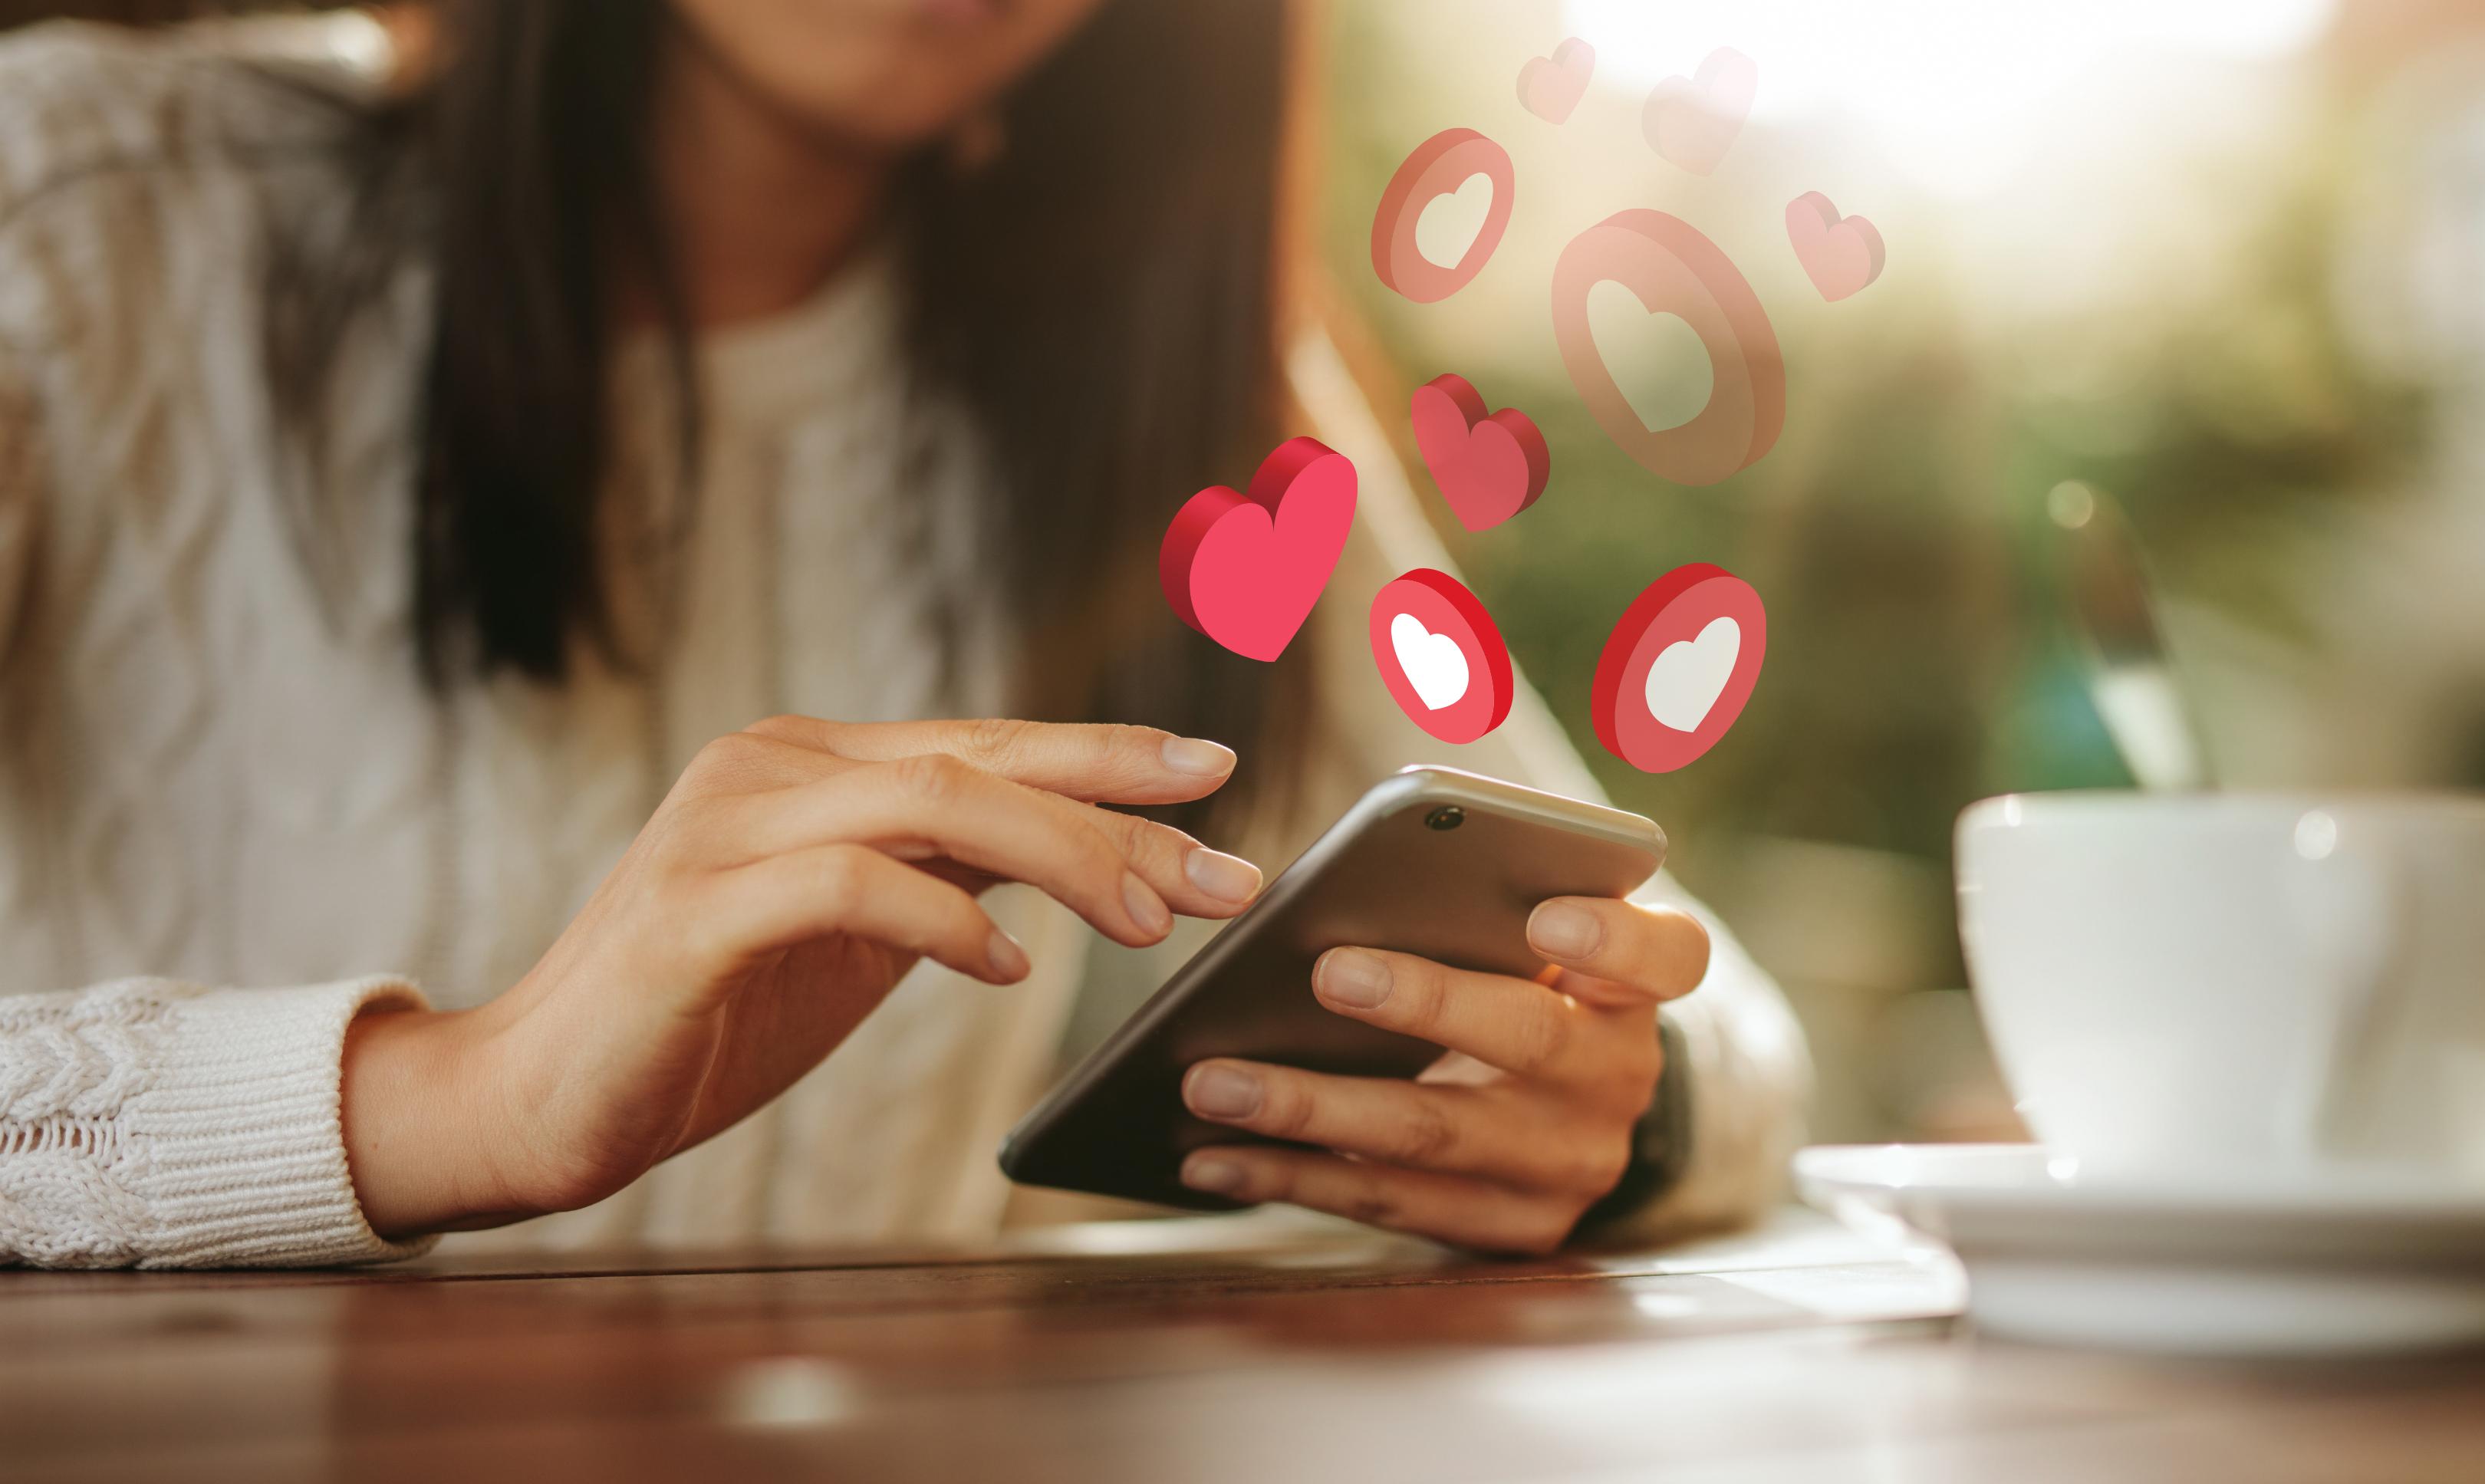 Пользователи Instagram смогут скрывать лайки на своих и чужих постах